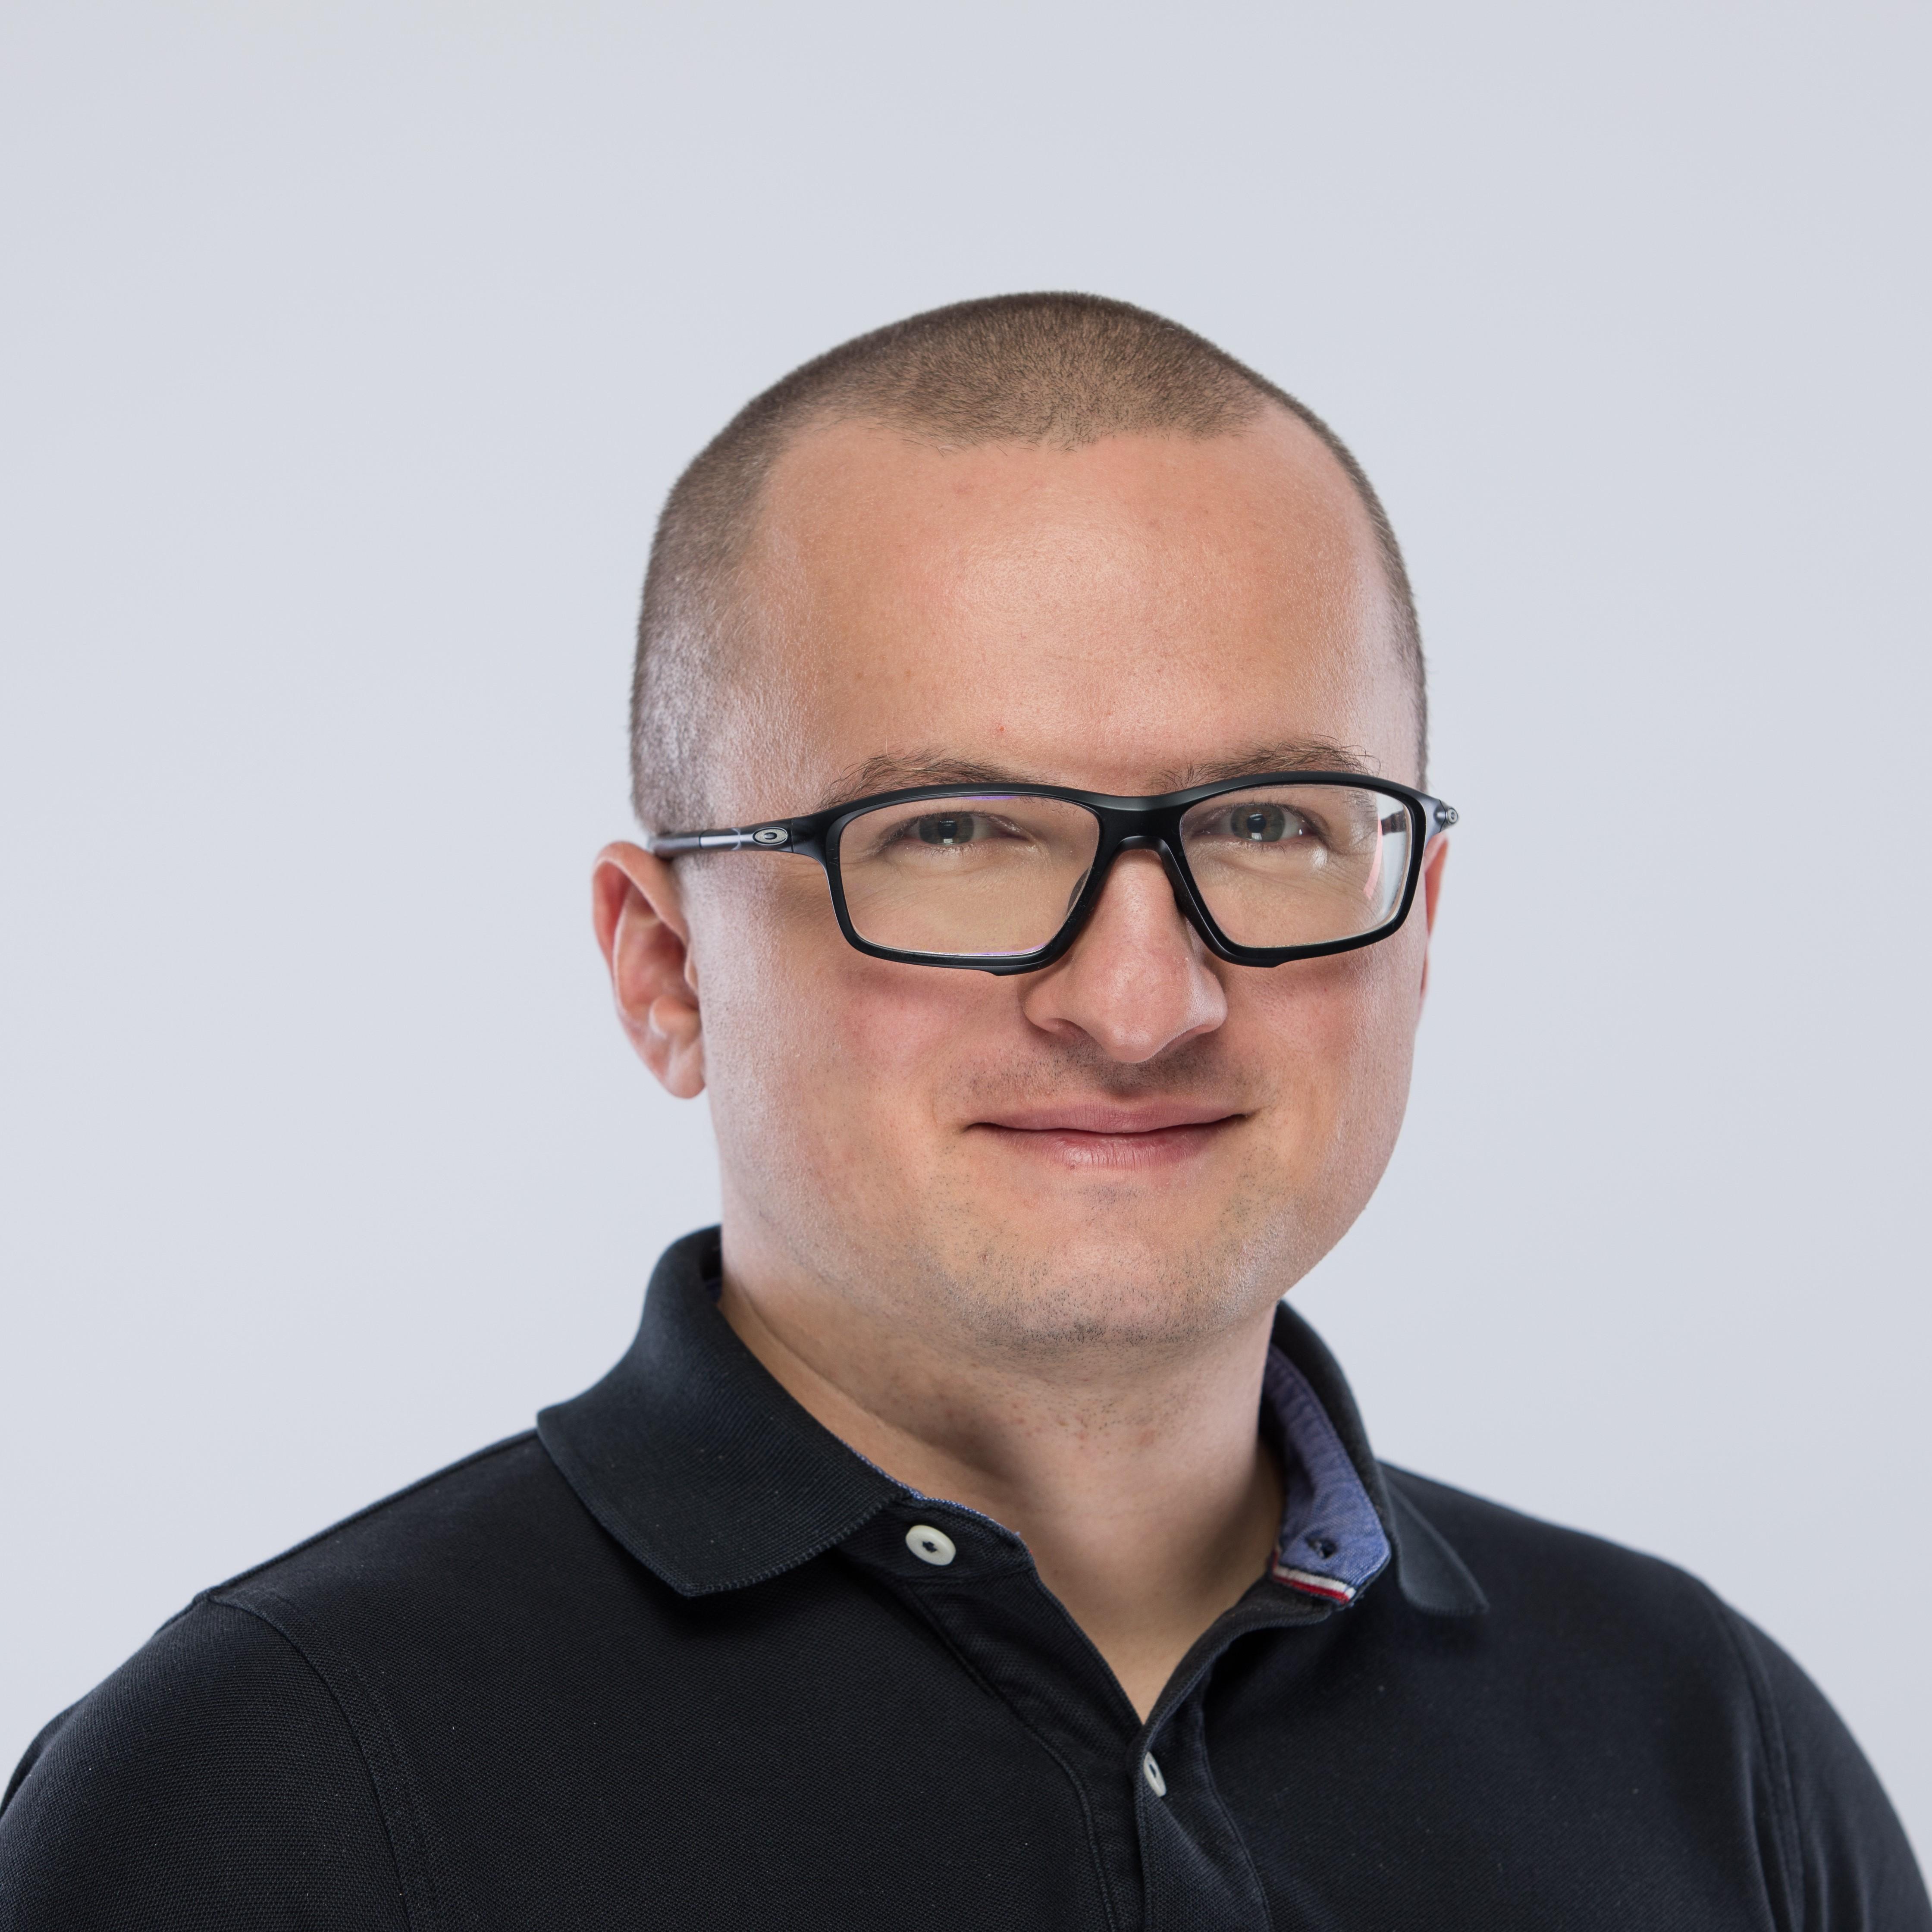 MaciejMazur